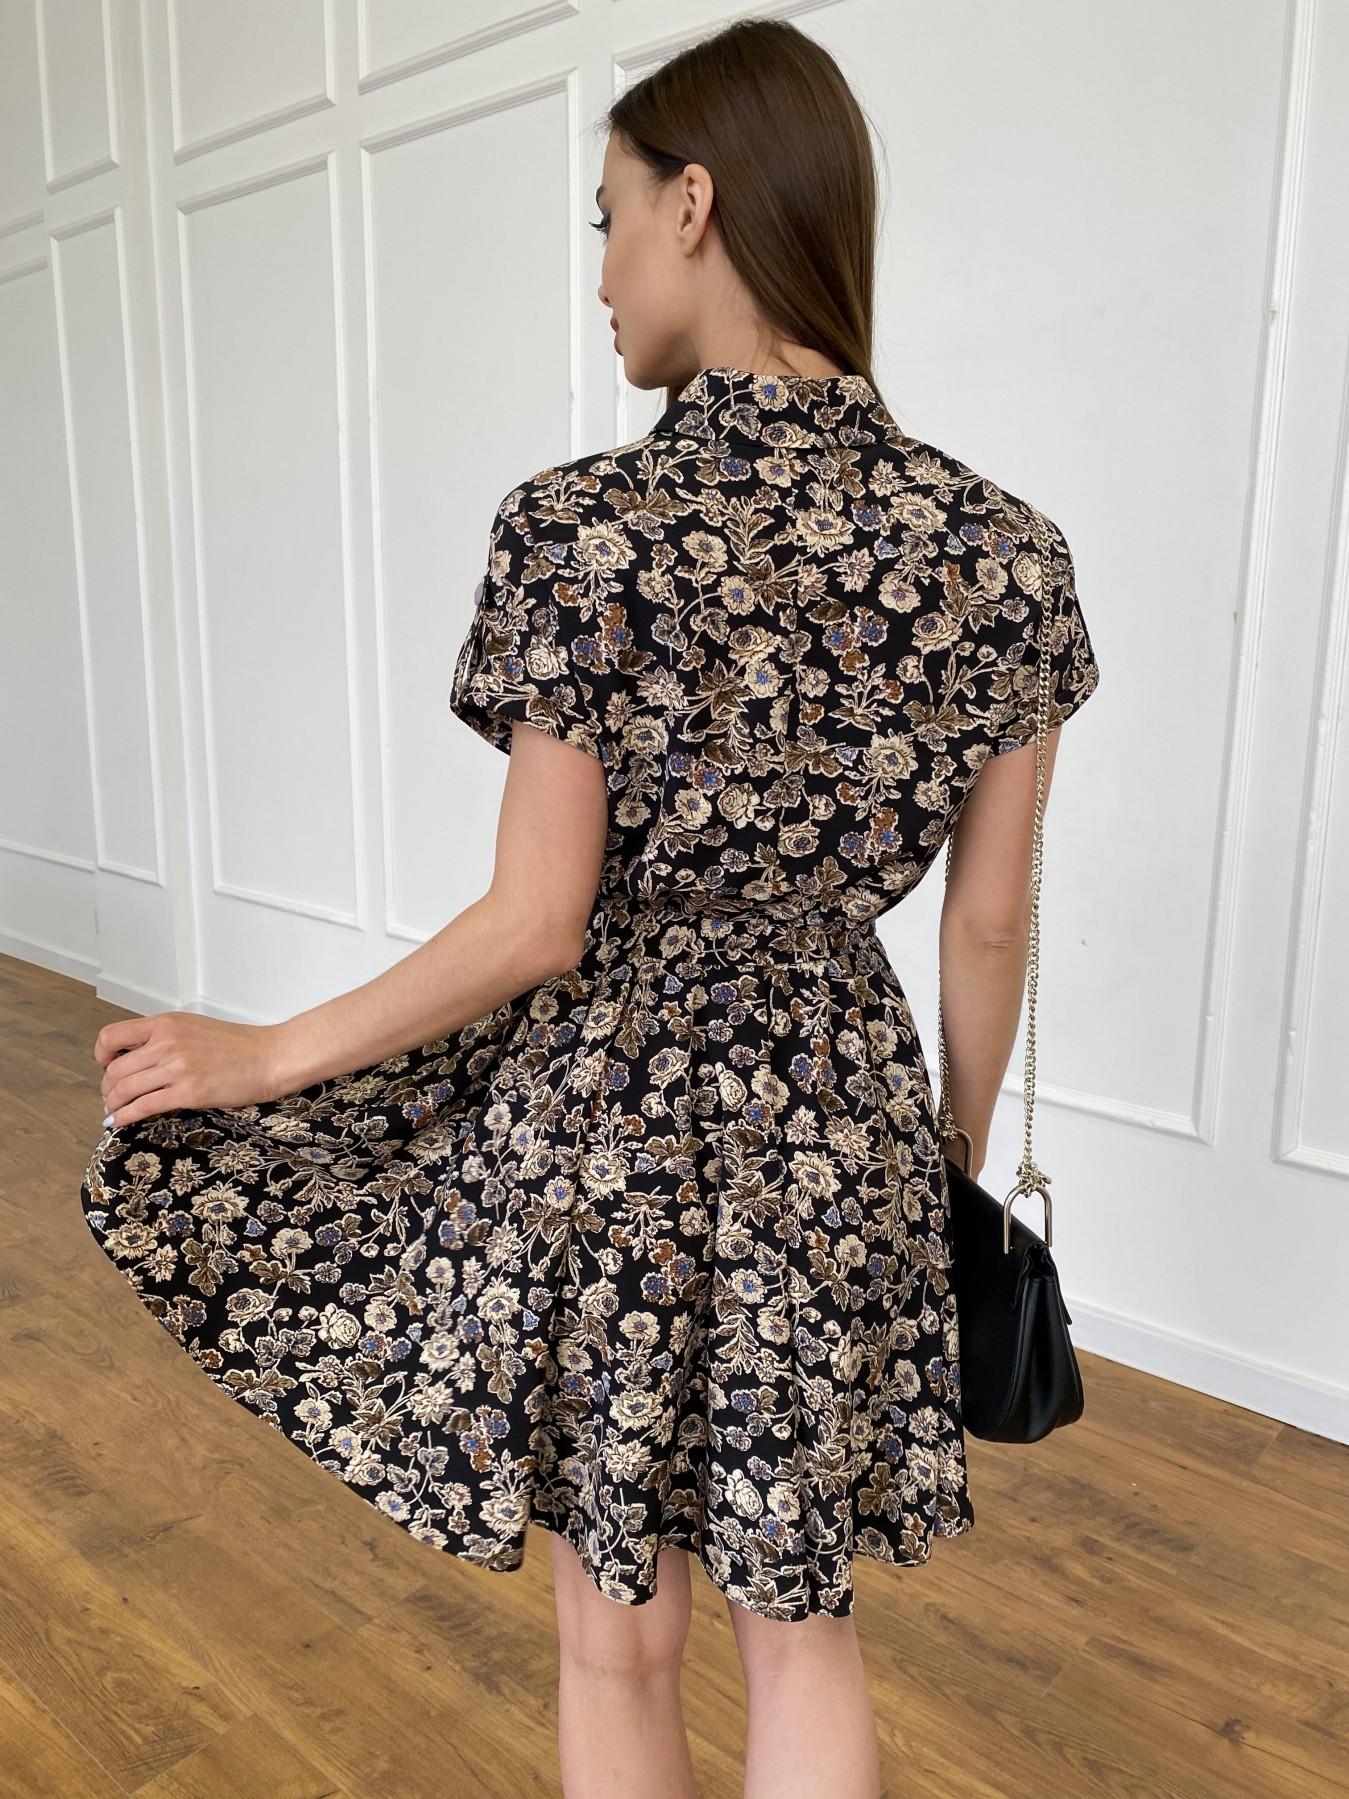 Санжар платье из ткани софт в принт 11215 АРТ. 47726 Цвет: Черный/т. беж, Цветы - фото 11, интернет магазин tm-modus.ru